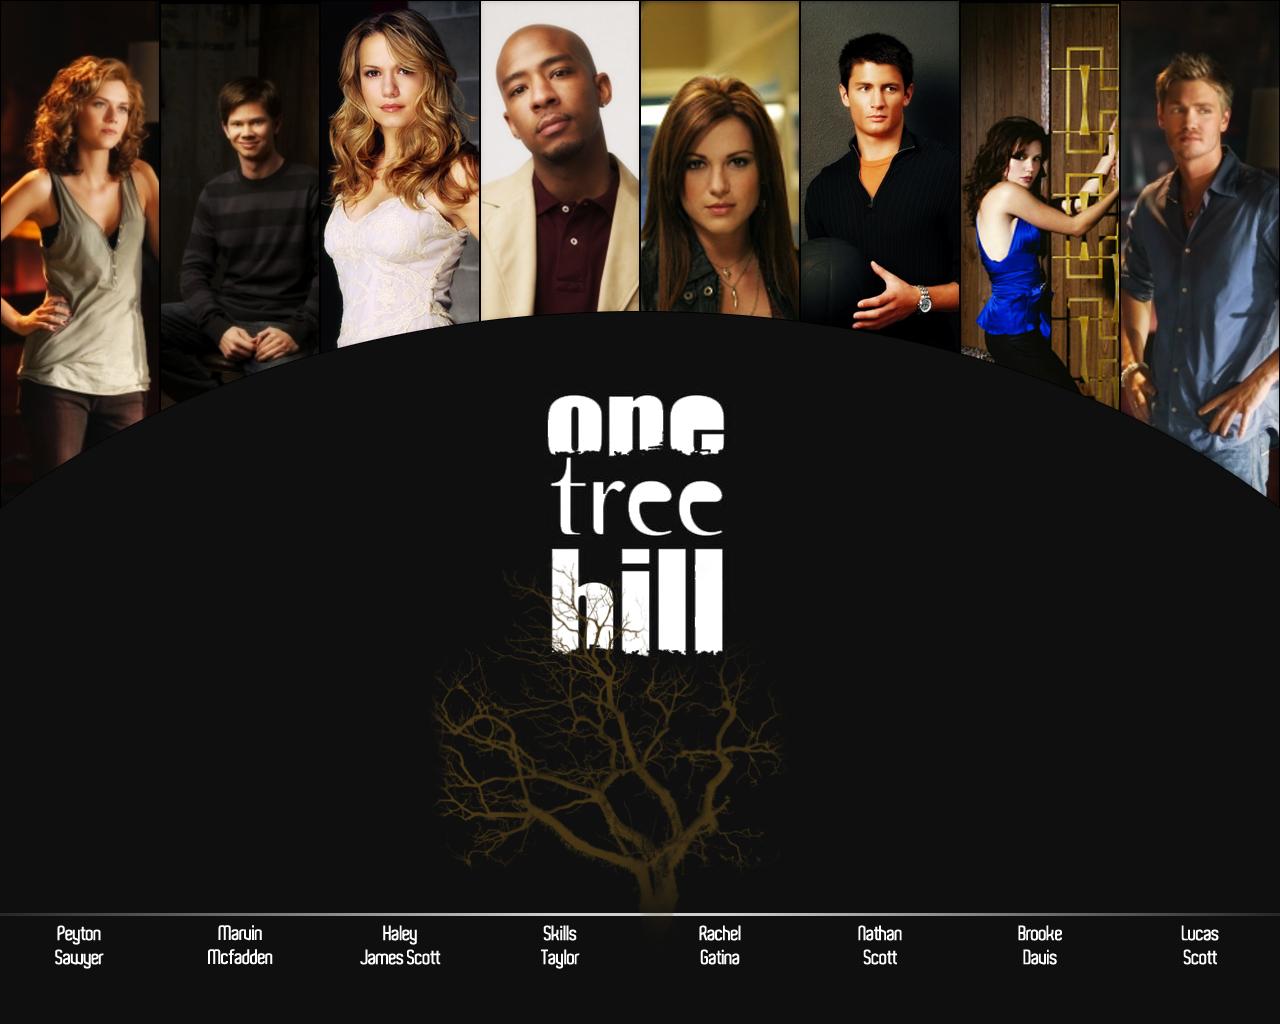 http://3.bp.blogspot.com/-qOvvsw6Y6YA/T02s9io-7OI/AAAAAAAAAWw/5rbLsRFQY8Y/s1600/Wallpaper__One_Tree_Hill_by_Danieldk.jpg